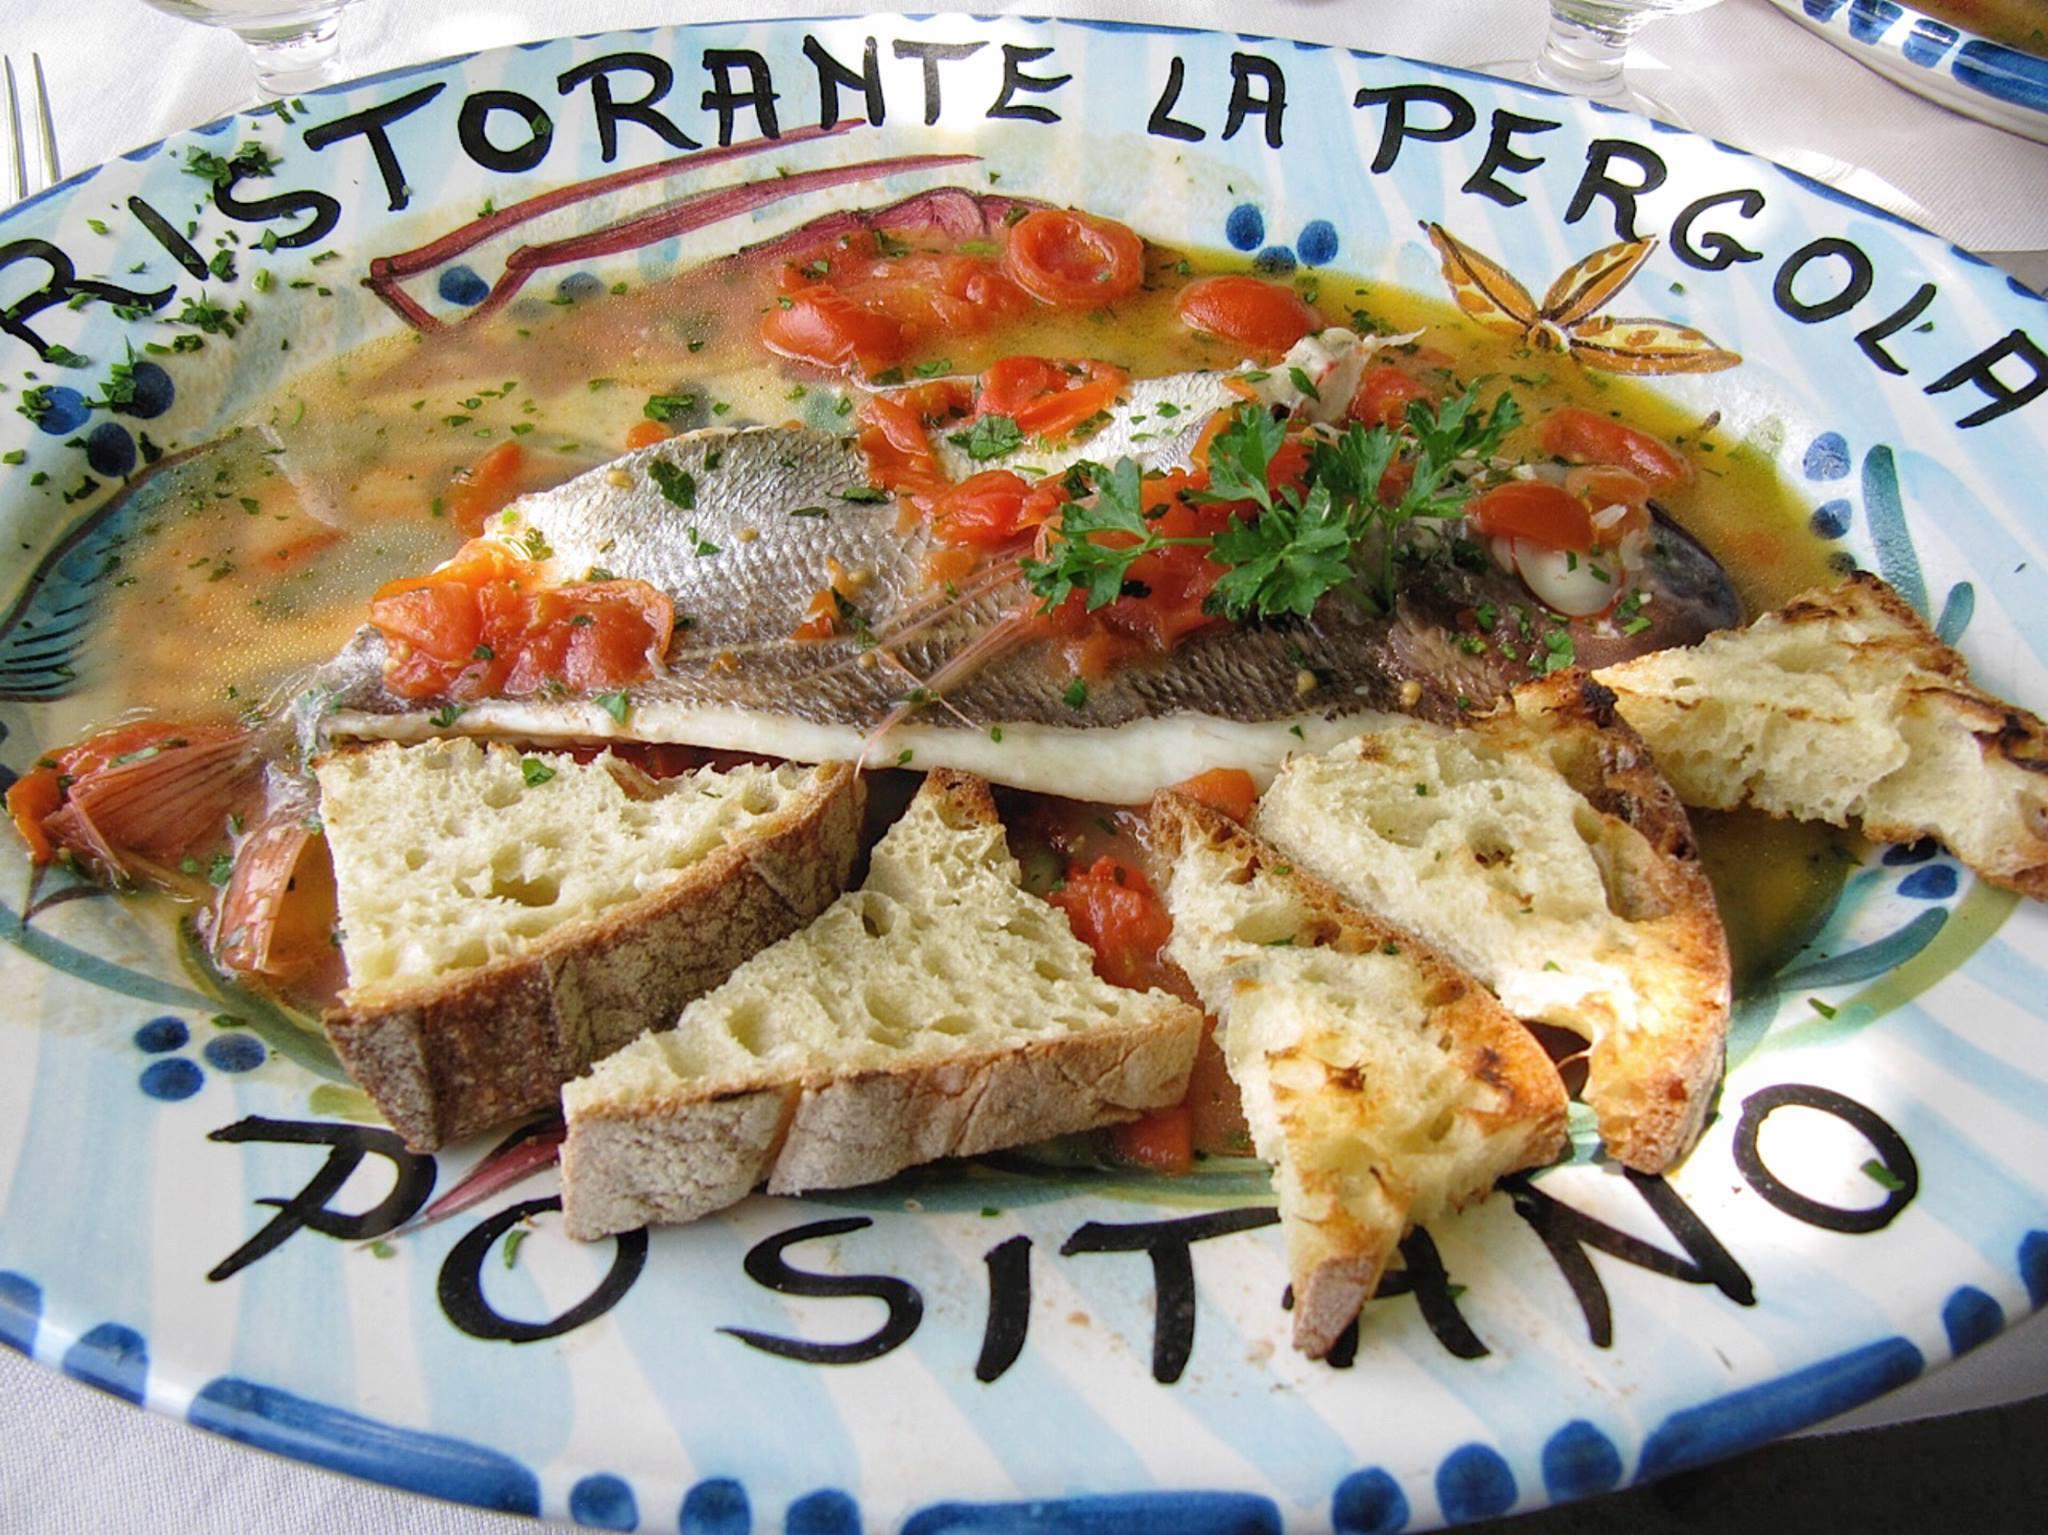 Acqua pazza style fish, Buca di Bacco, Positano